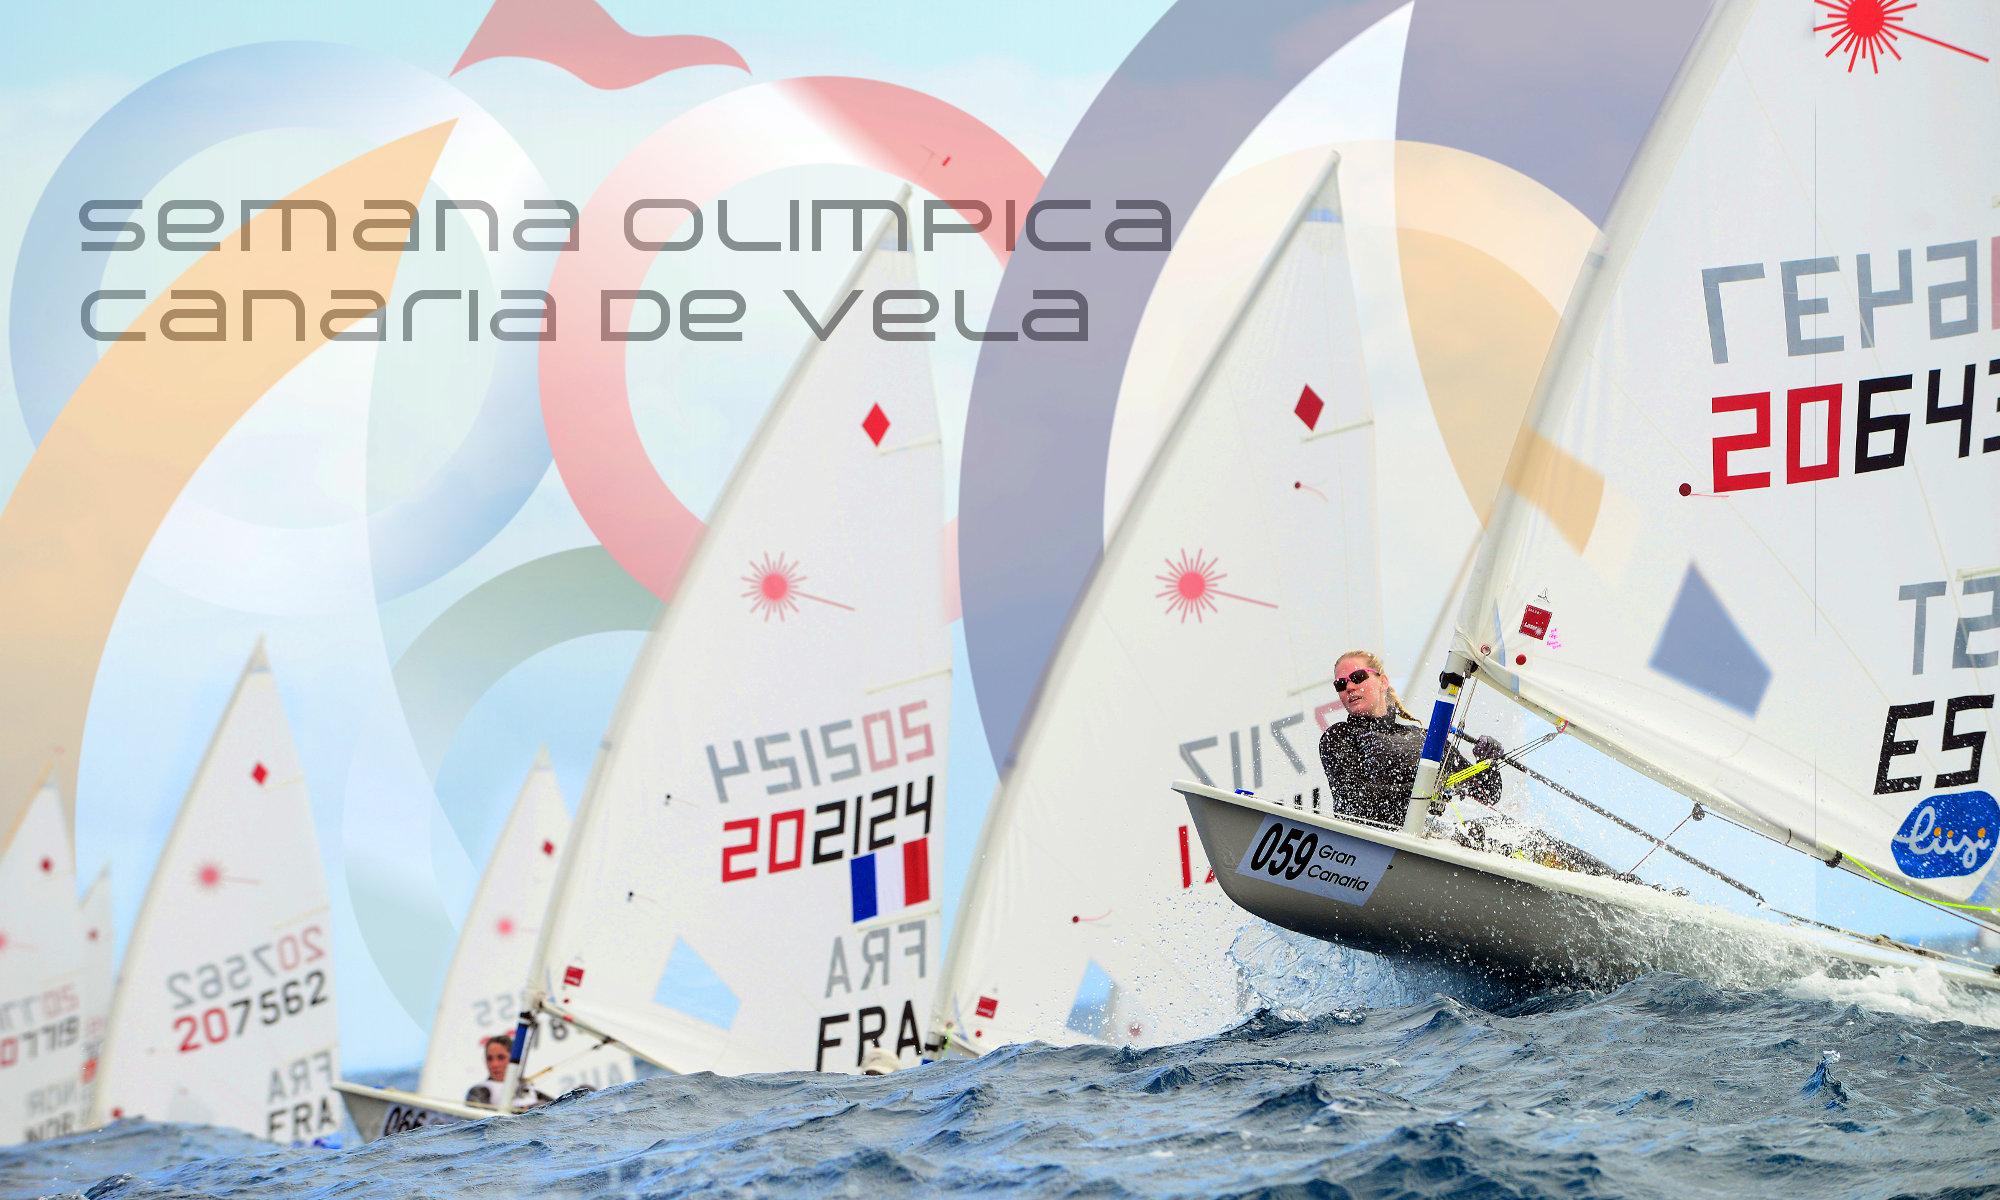 Semana Olímpica Canaria de Vela